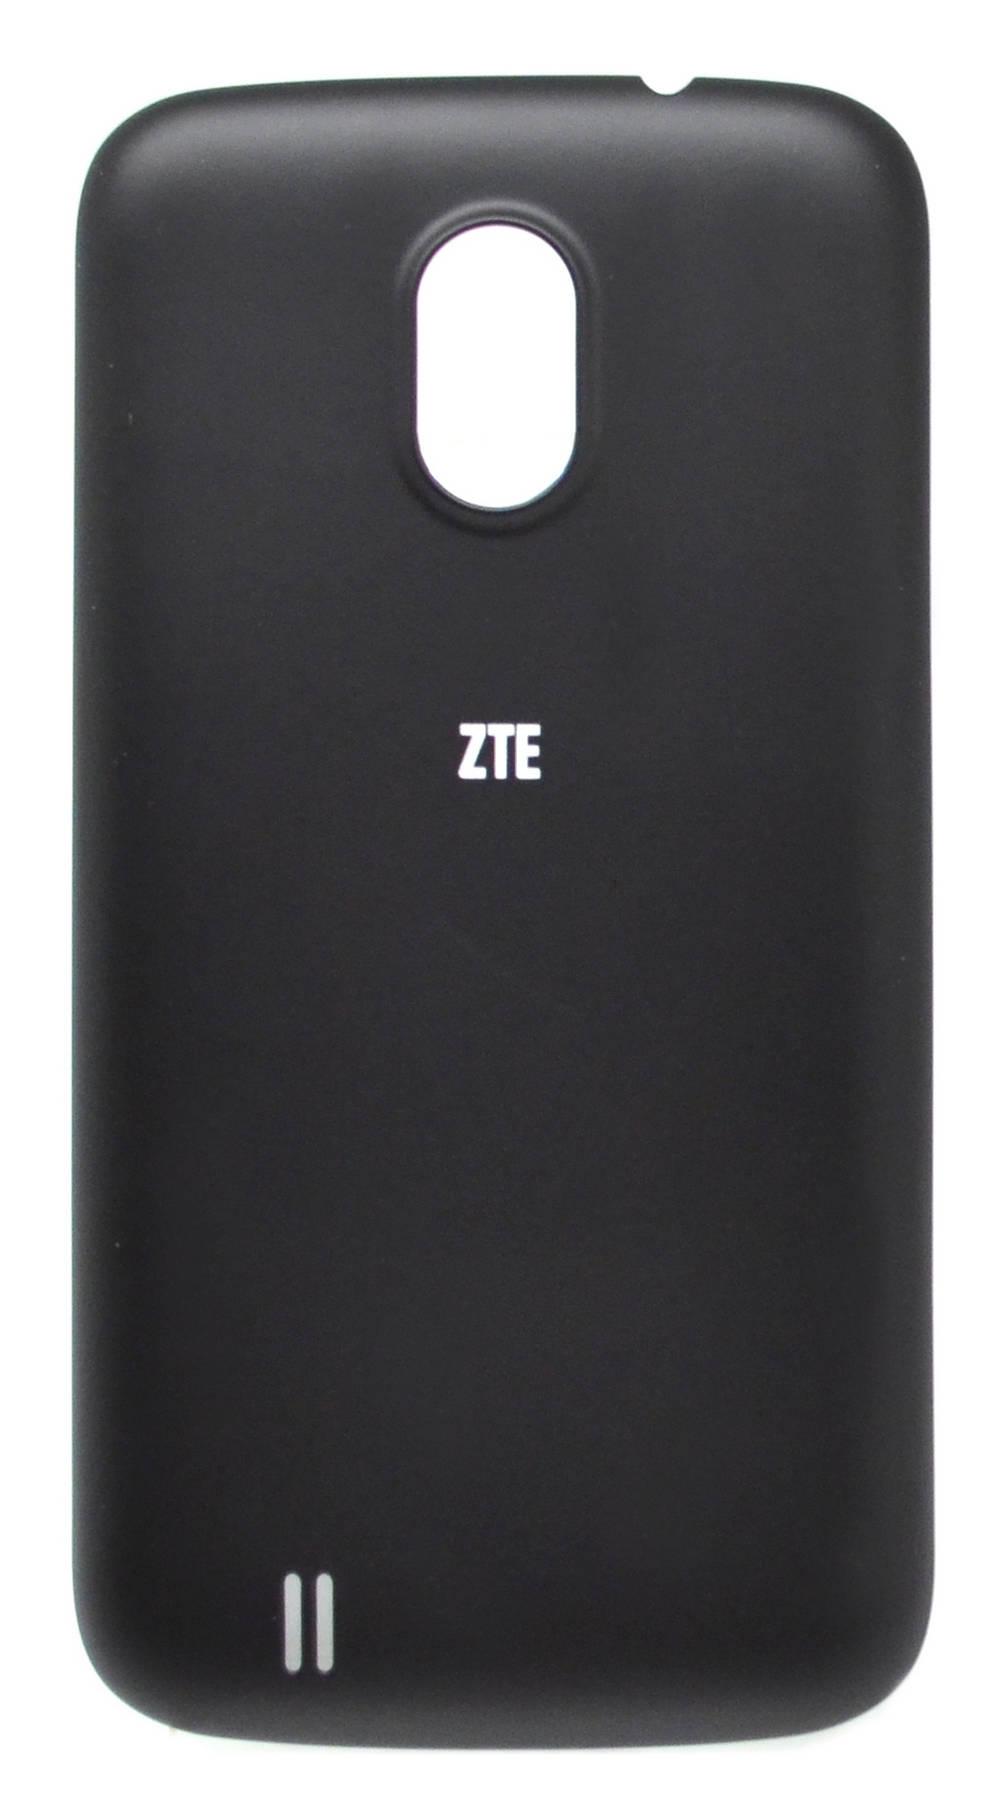 Καπάκι Μπαταρίας ZTE Blade III Μαύρο Original 080401004007